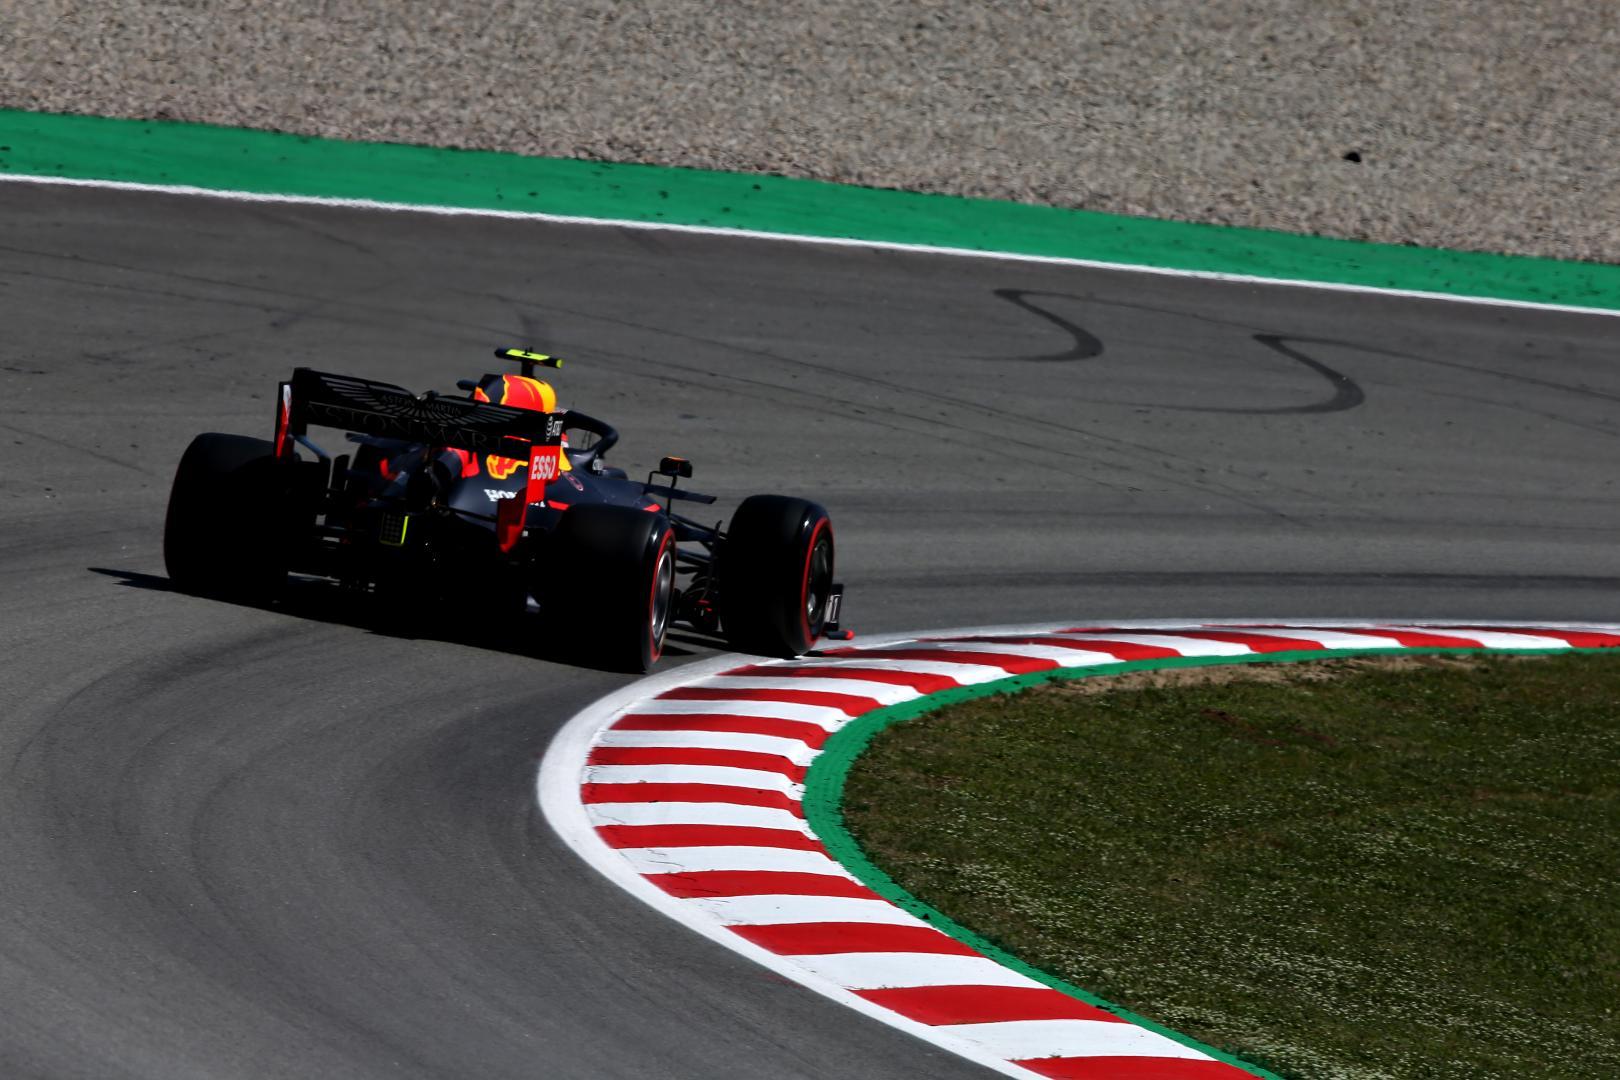 Uitslag van de GP van Spanje 2019